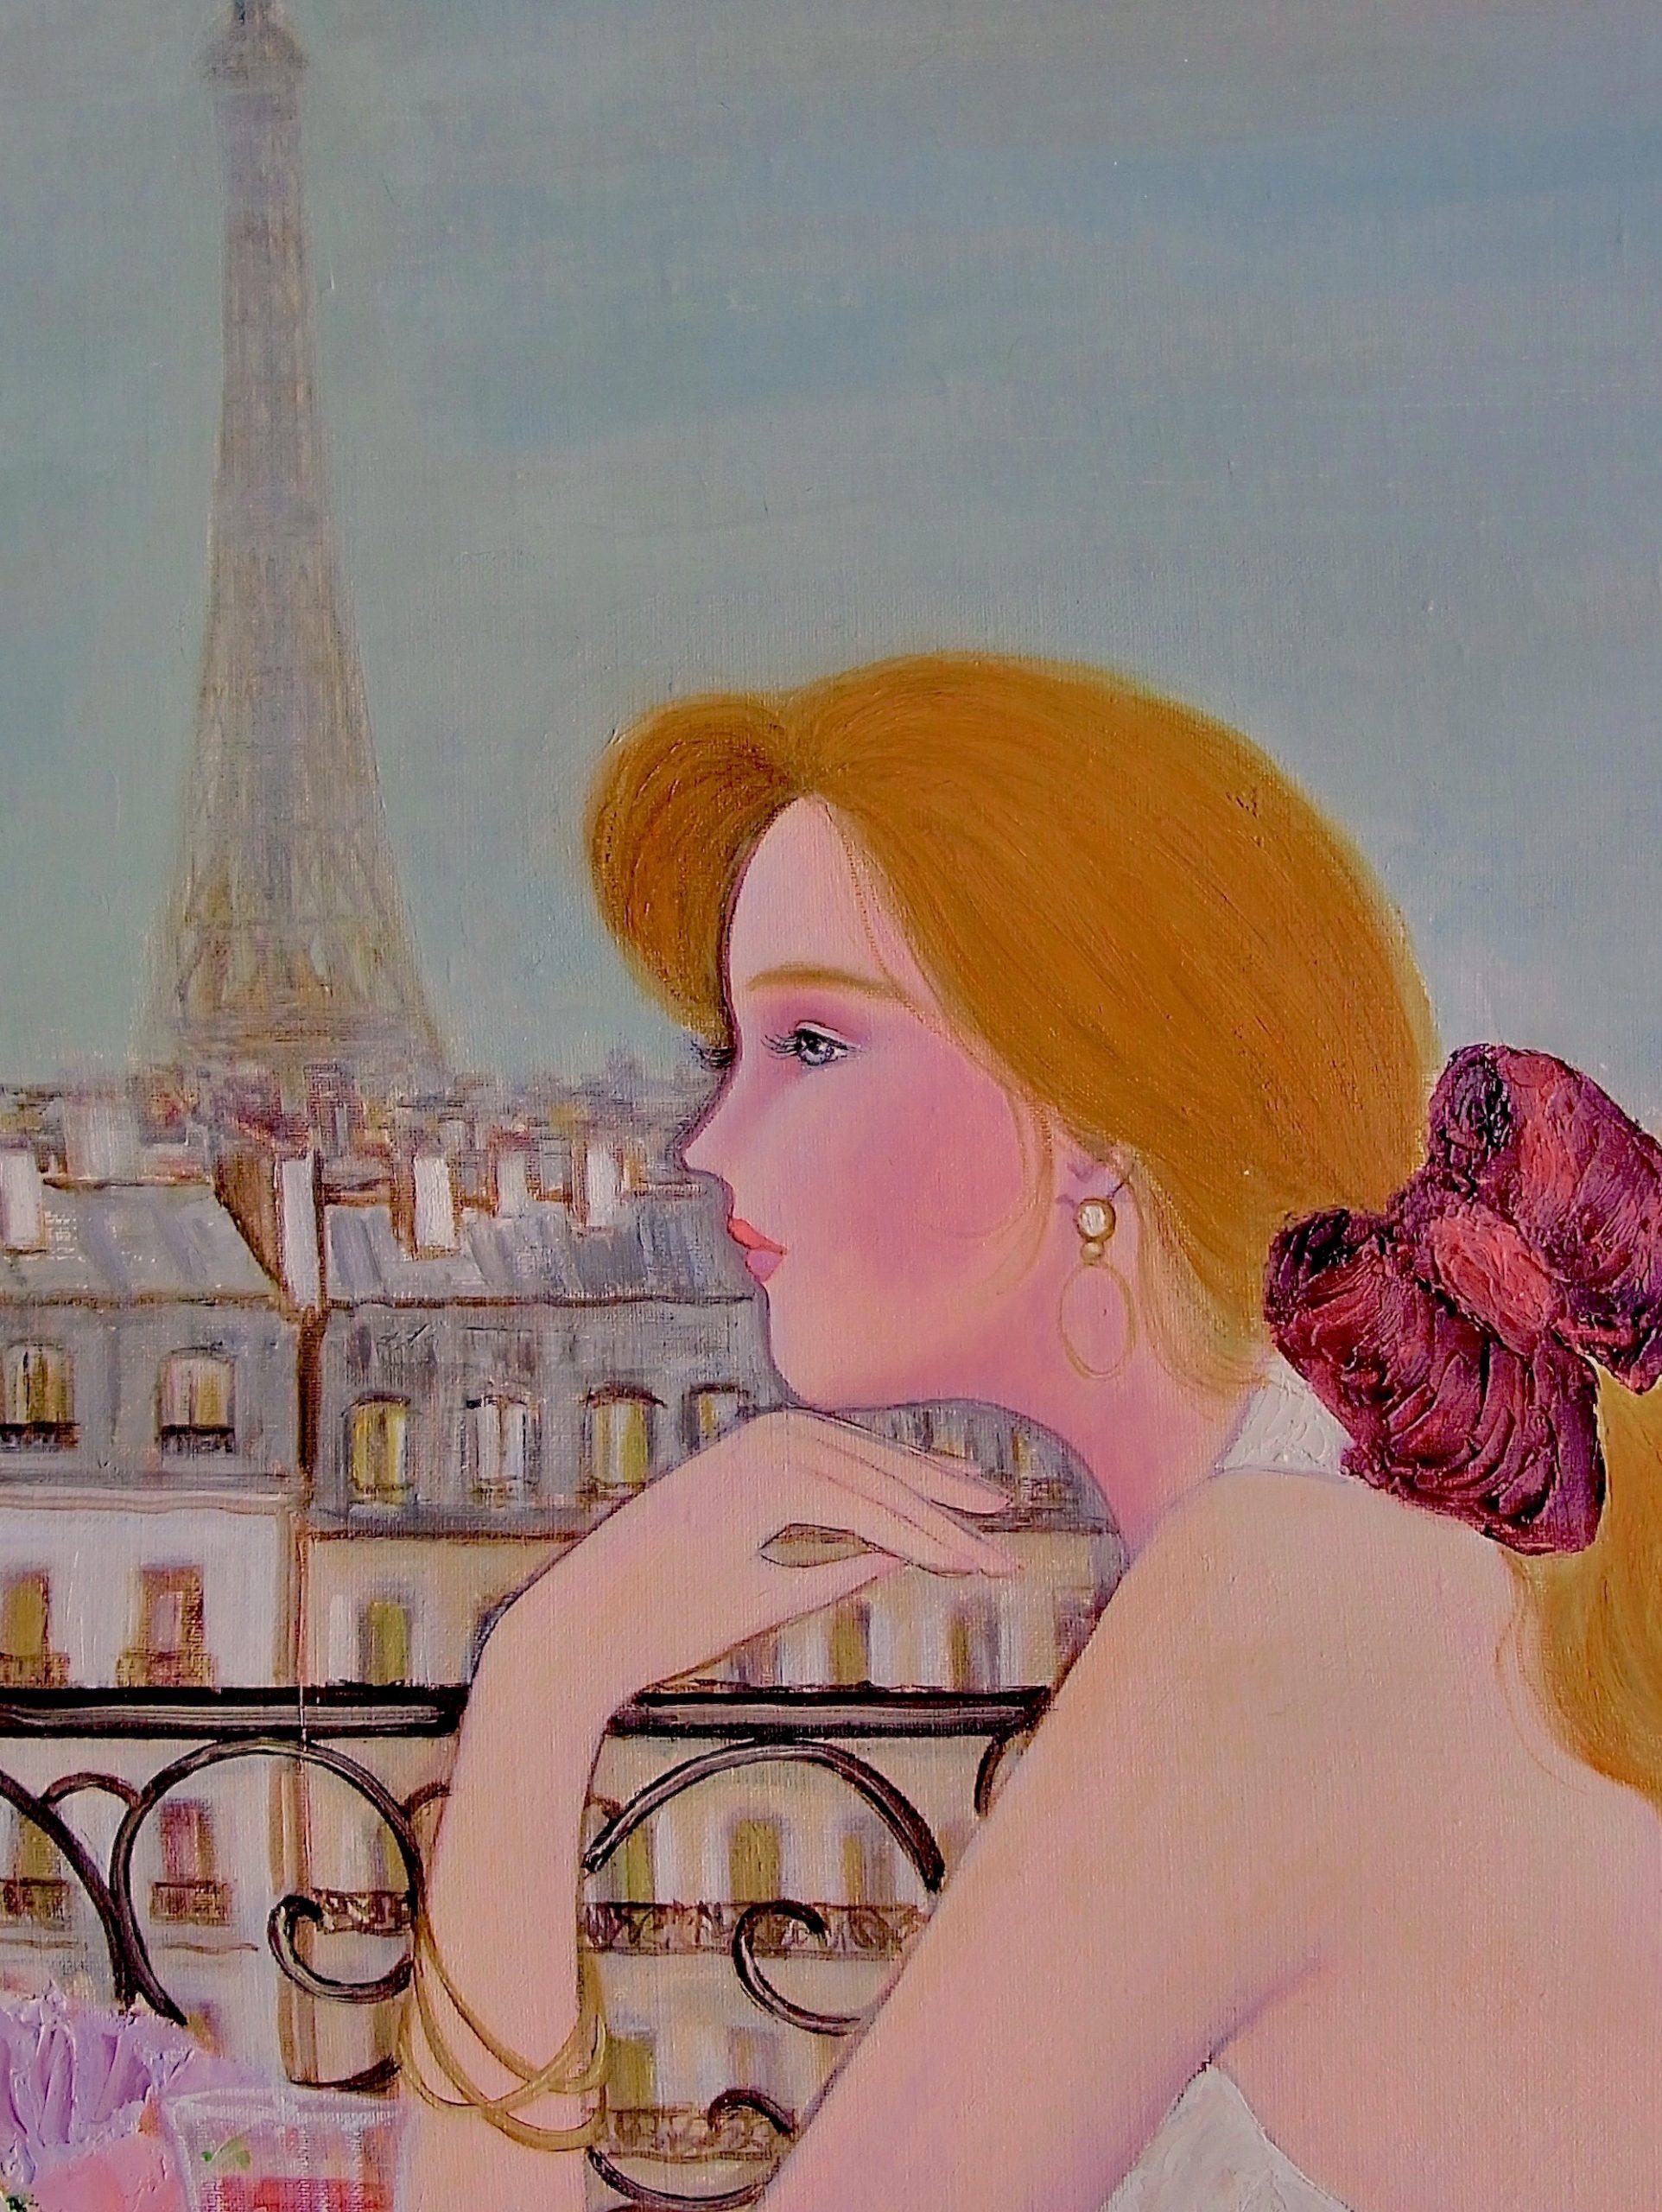 MAMI / Images et Poésie, Douceur évanescente à l'Infini,  comme l'Air que l'on respire